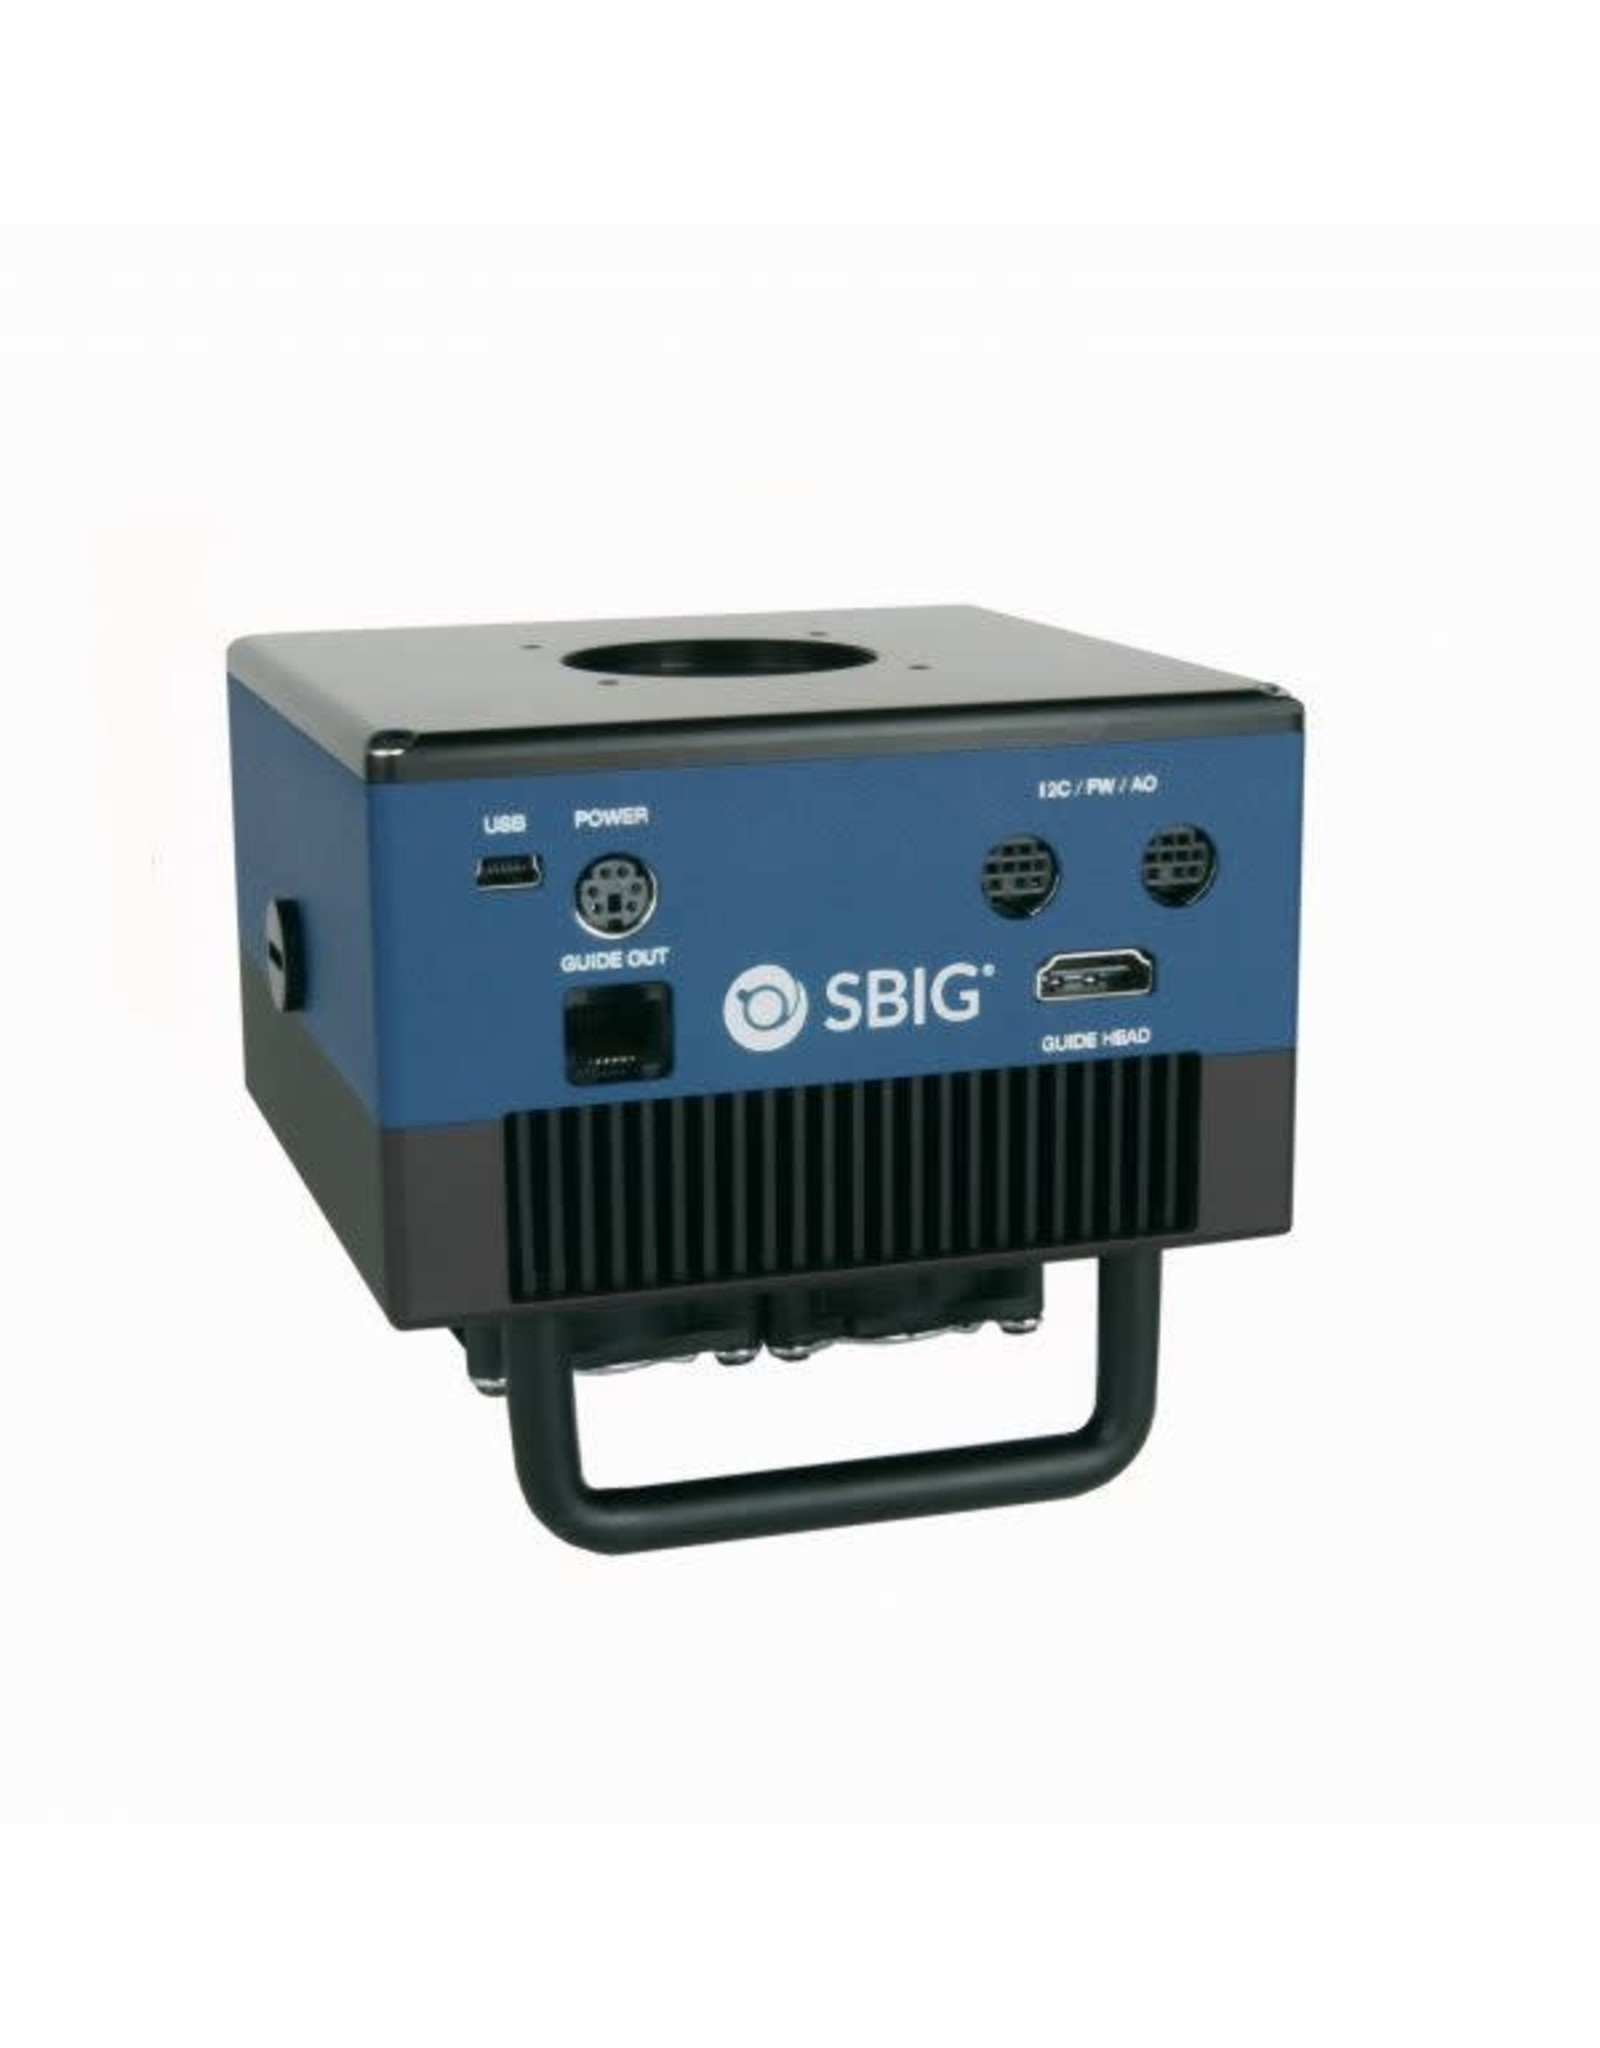 SBIG SBig Aluma 814 USB Camera